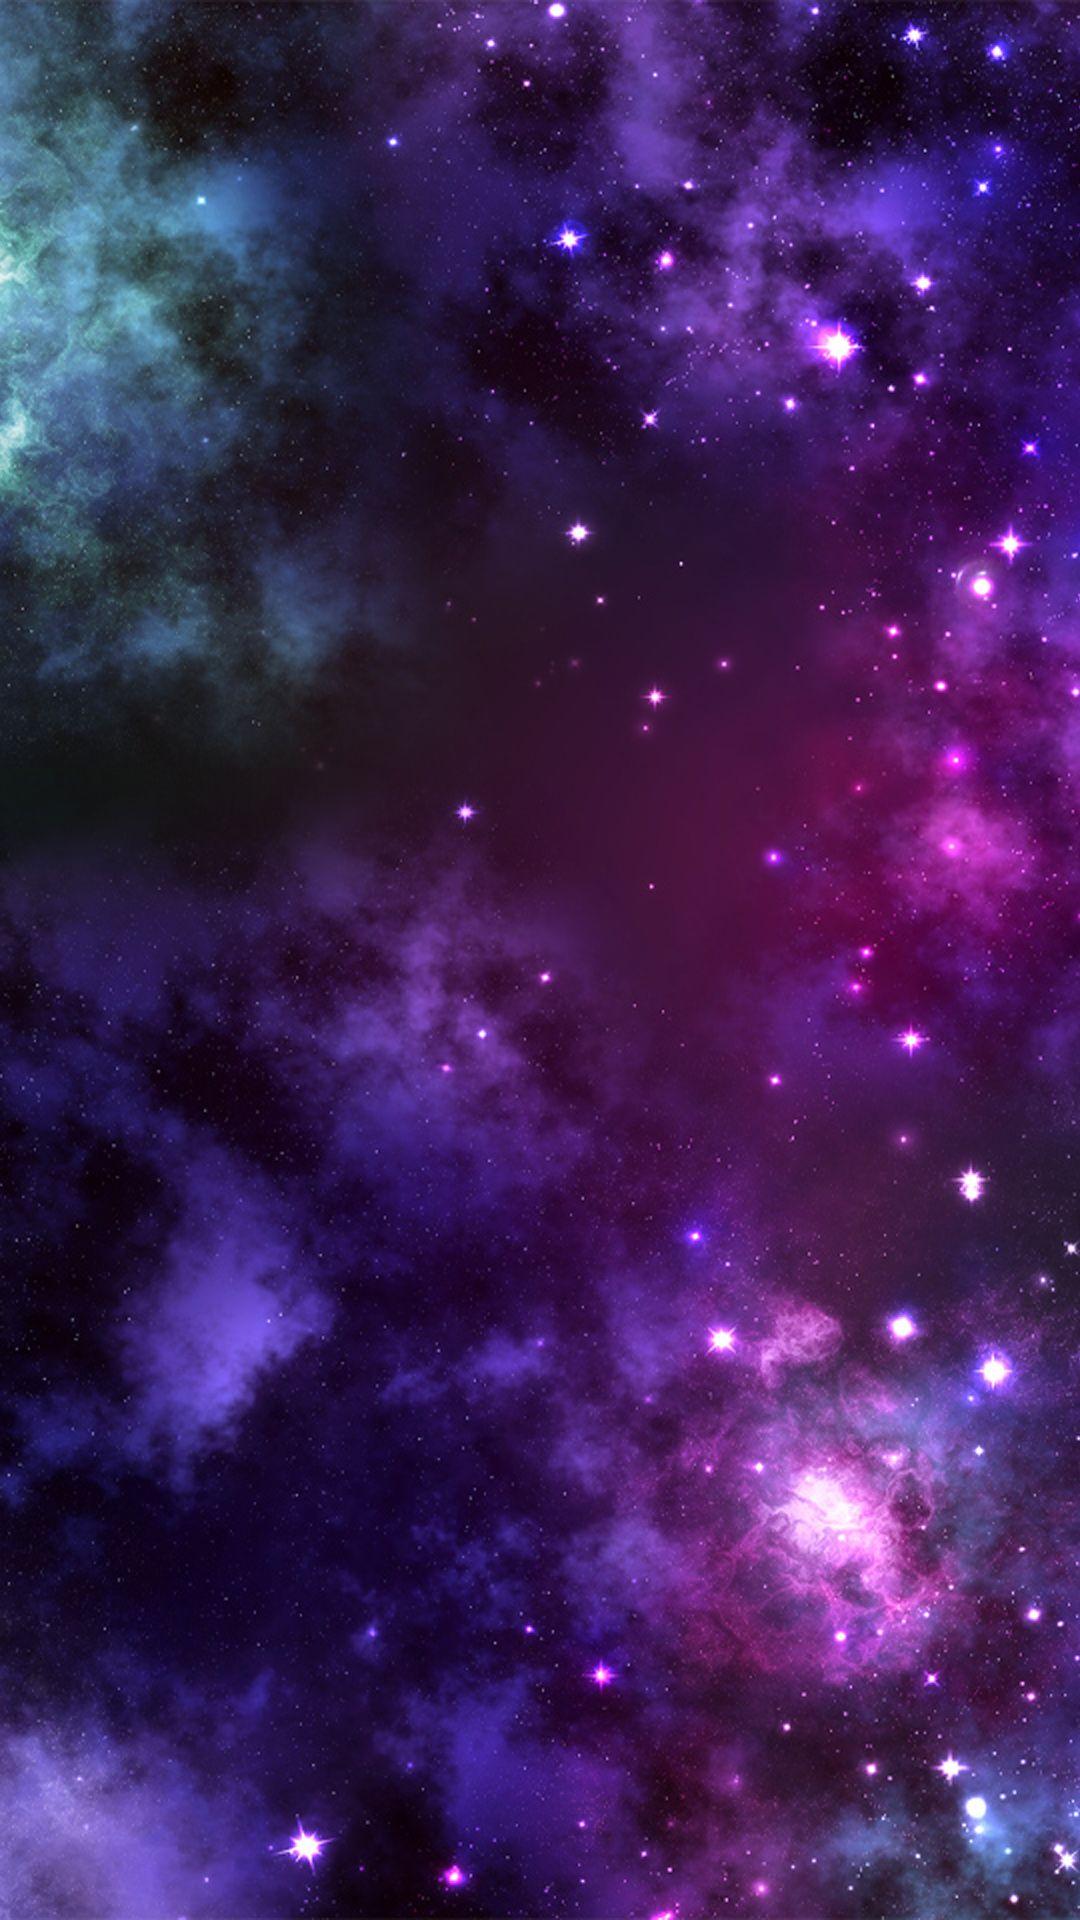 宇宙 カラフルの壁紙 宇宙 壁紙 宇宙